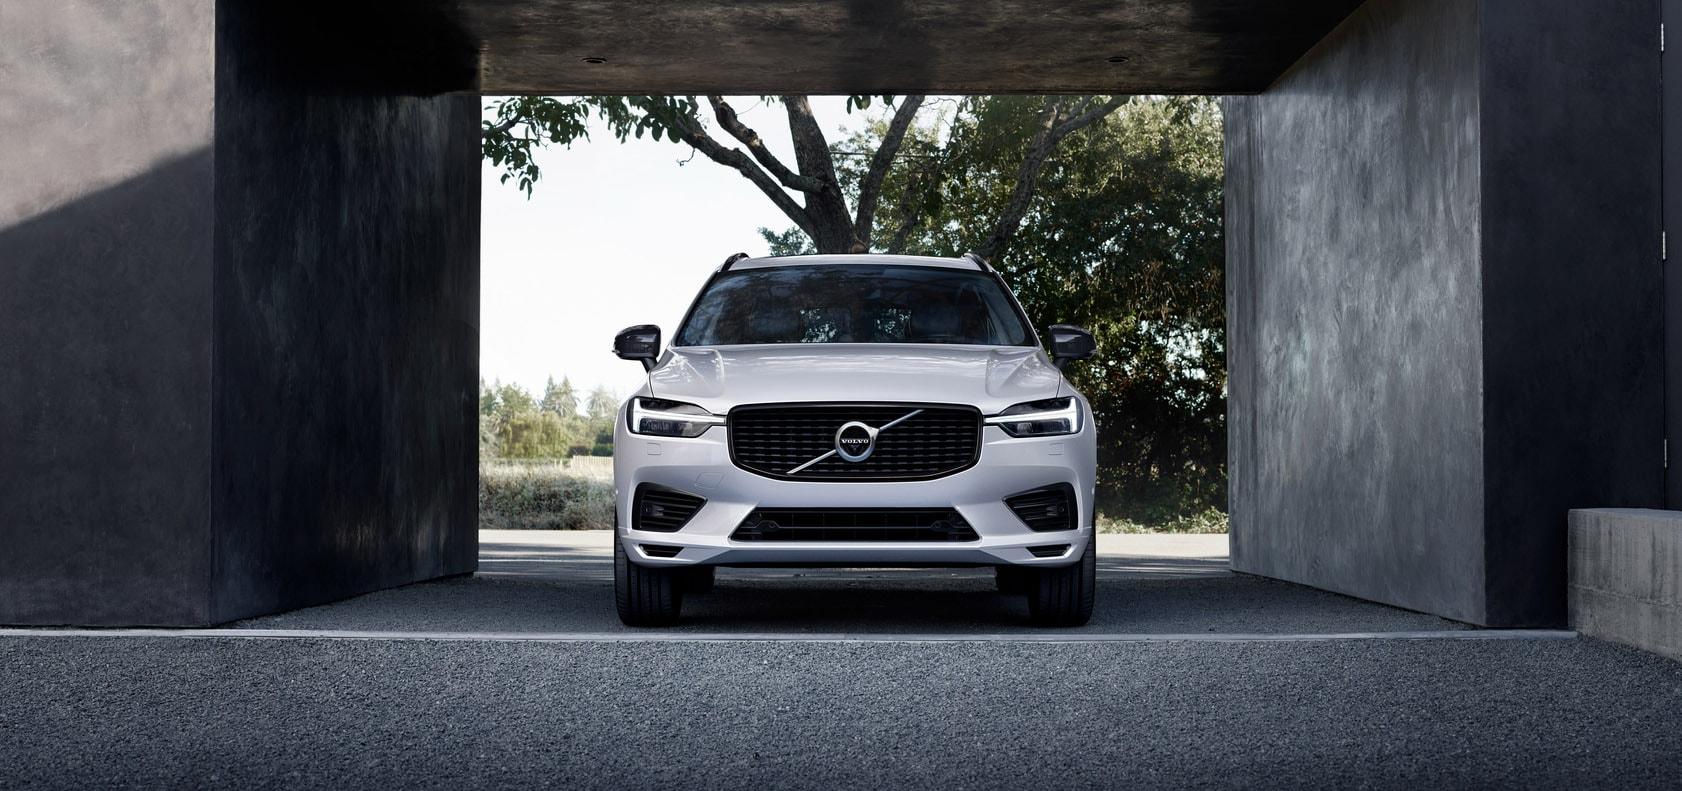 Naast een betonnen gebouw staat een witte Volvo XC60 geparkeerd